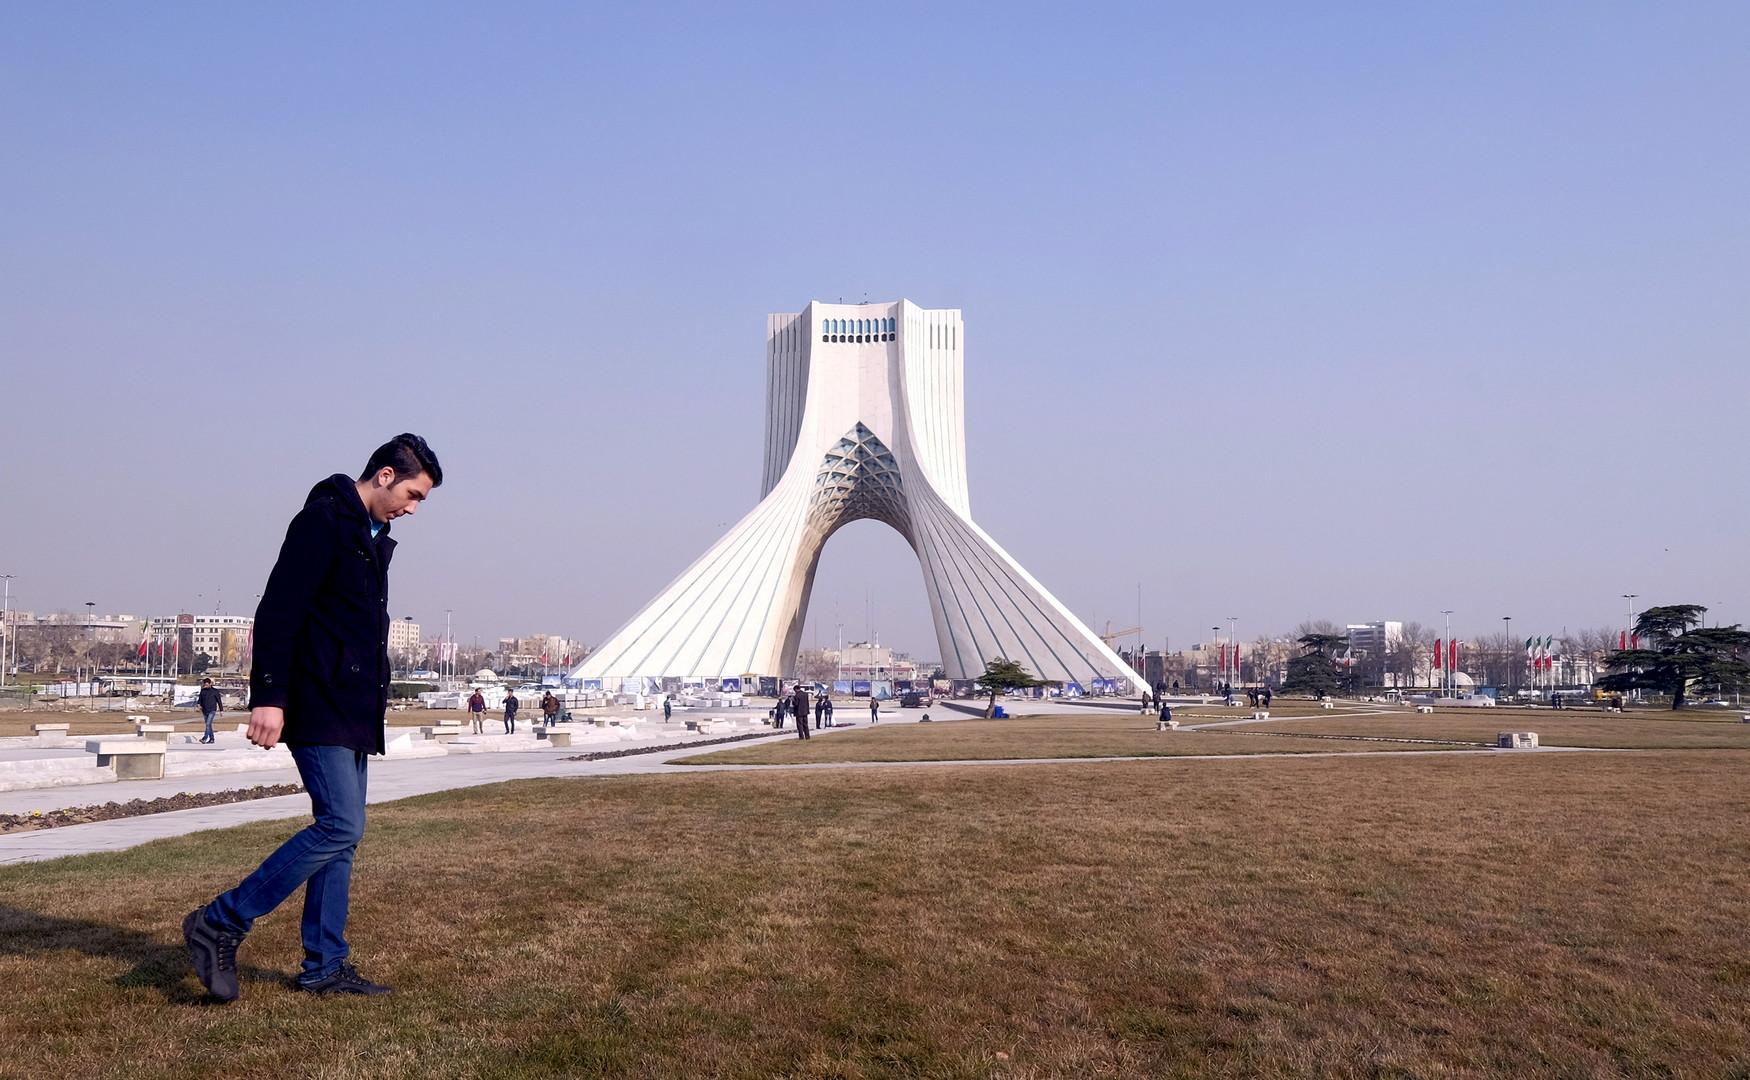 بدء محاكمة عمدة طهران السابق بتهمة قتل زوجته